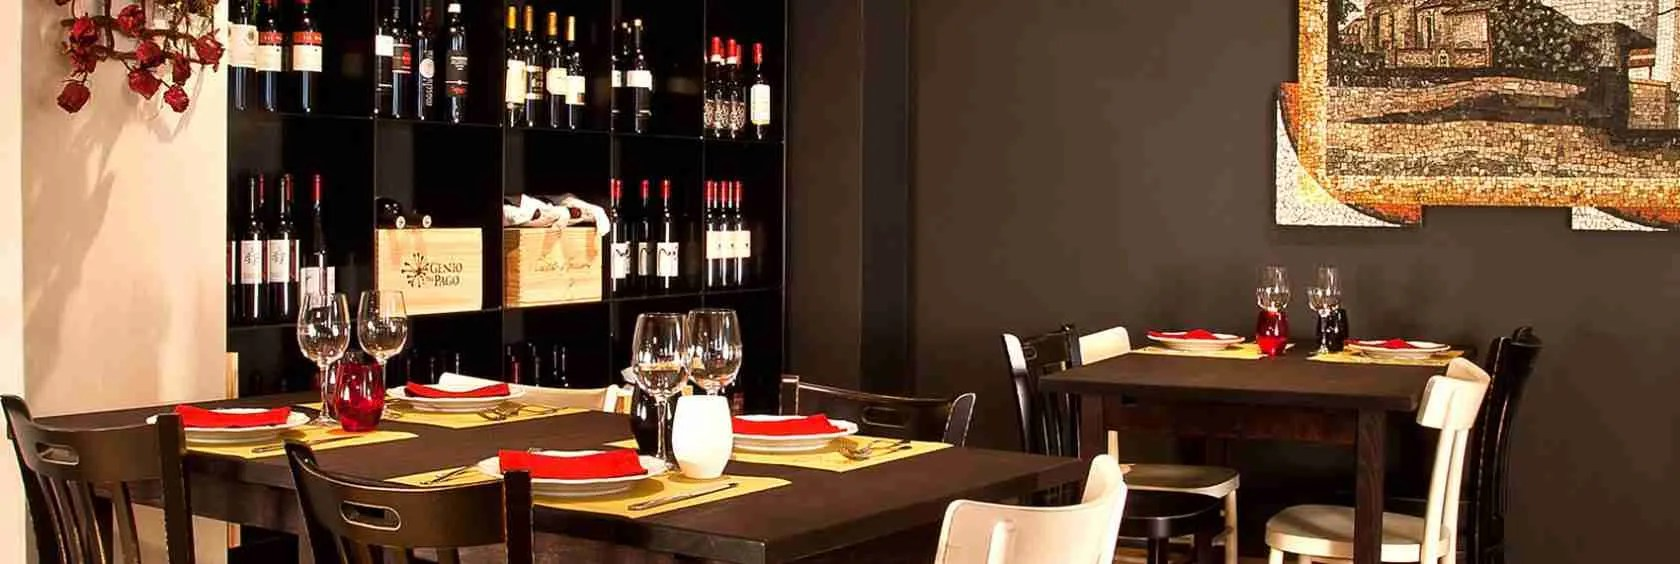 Le osterie friulane sono i luoghi perfetti per una cena in compagnia di una escort Udine. Magica Escort